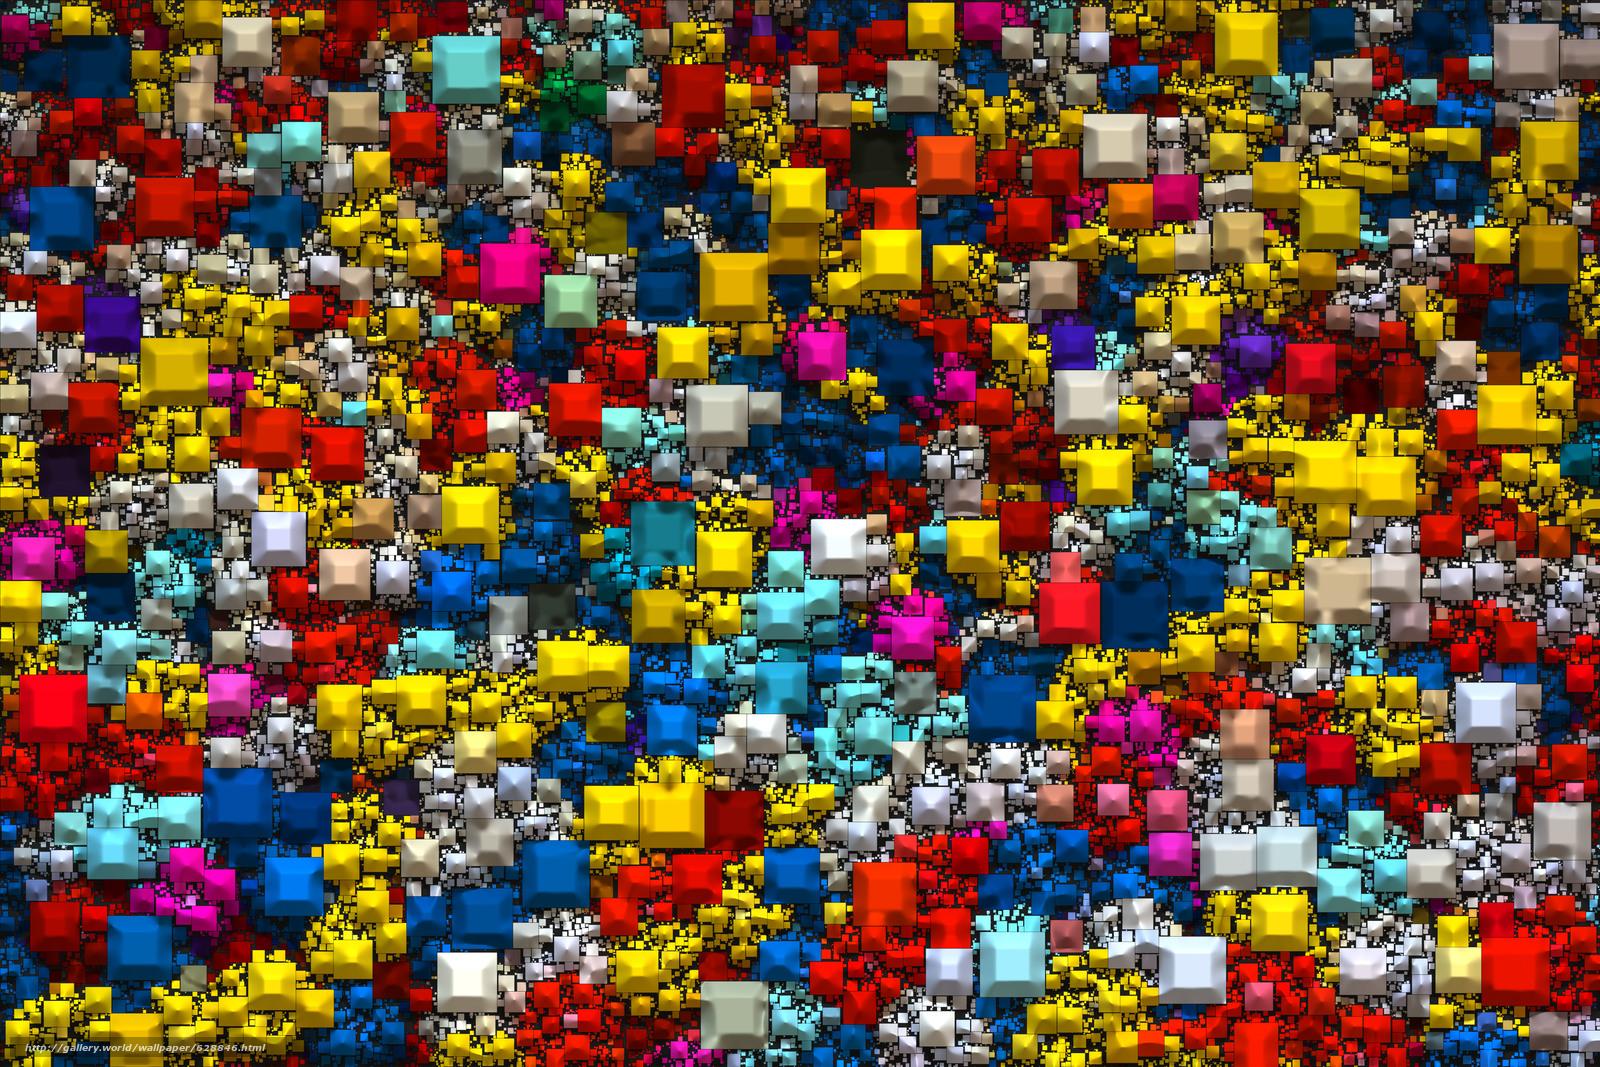 Скачать на телефон обои фото картинку на тему Palette, разноцветные, текстура, разширение 6000x4000